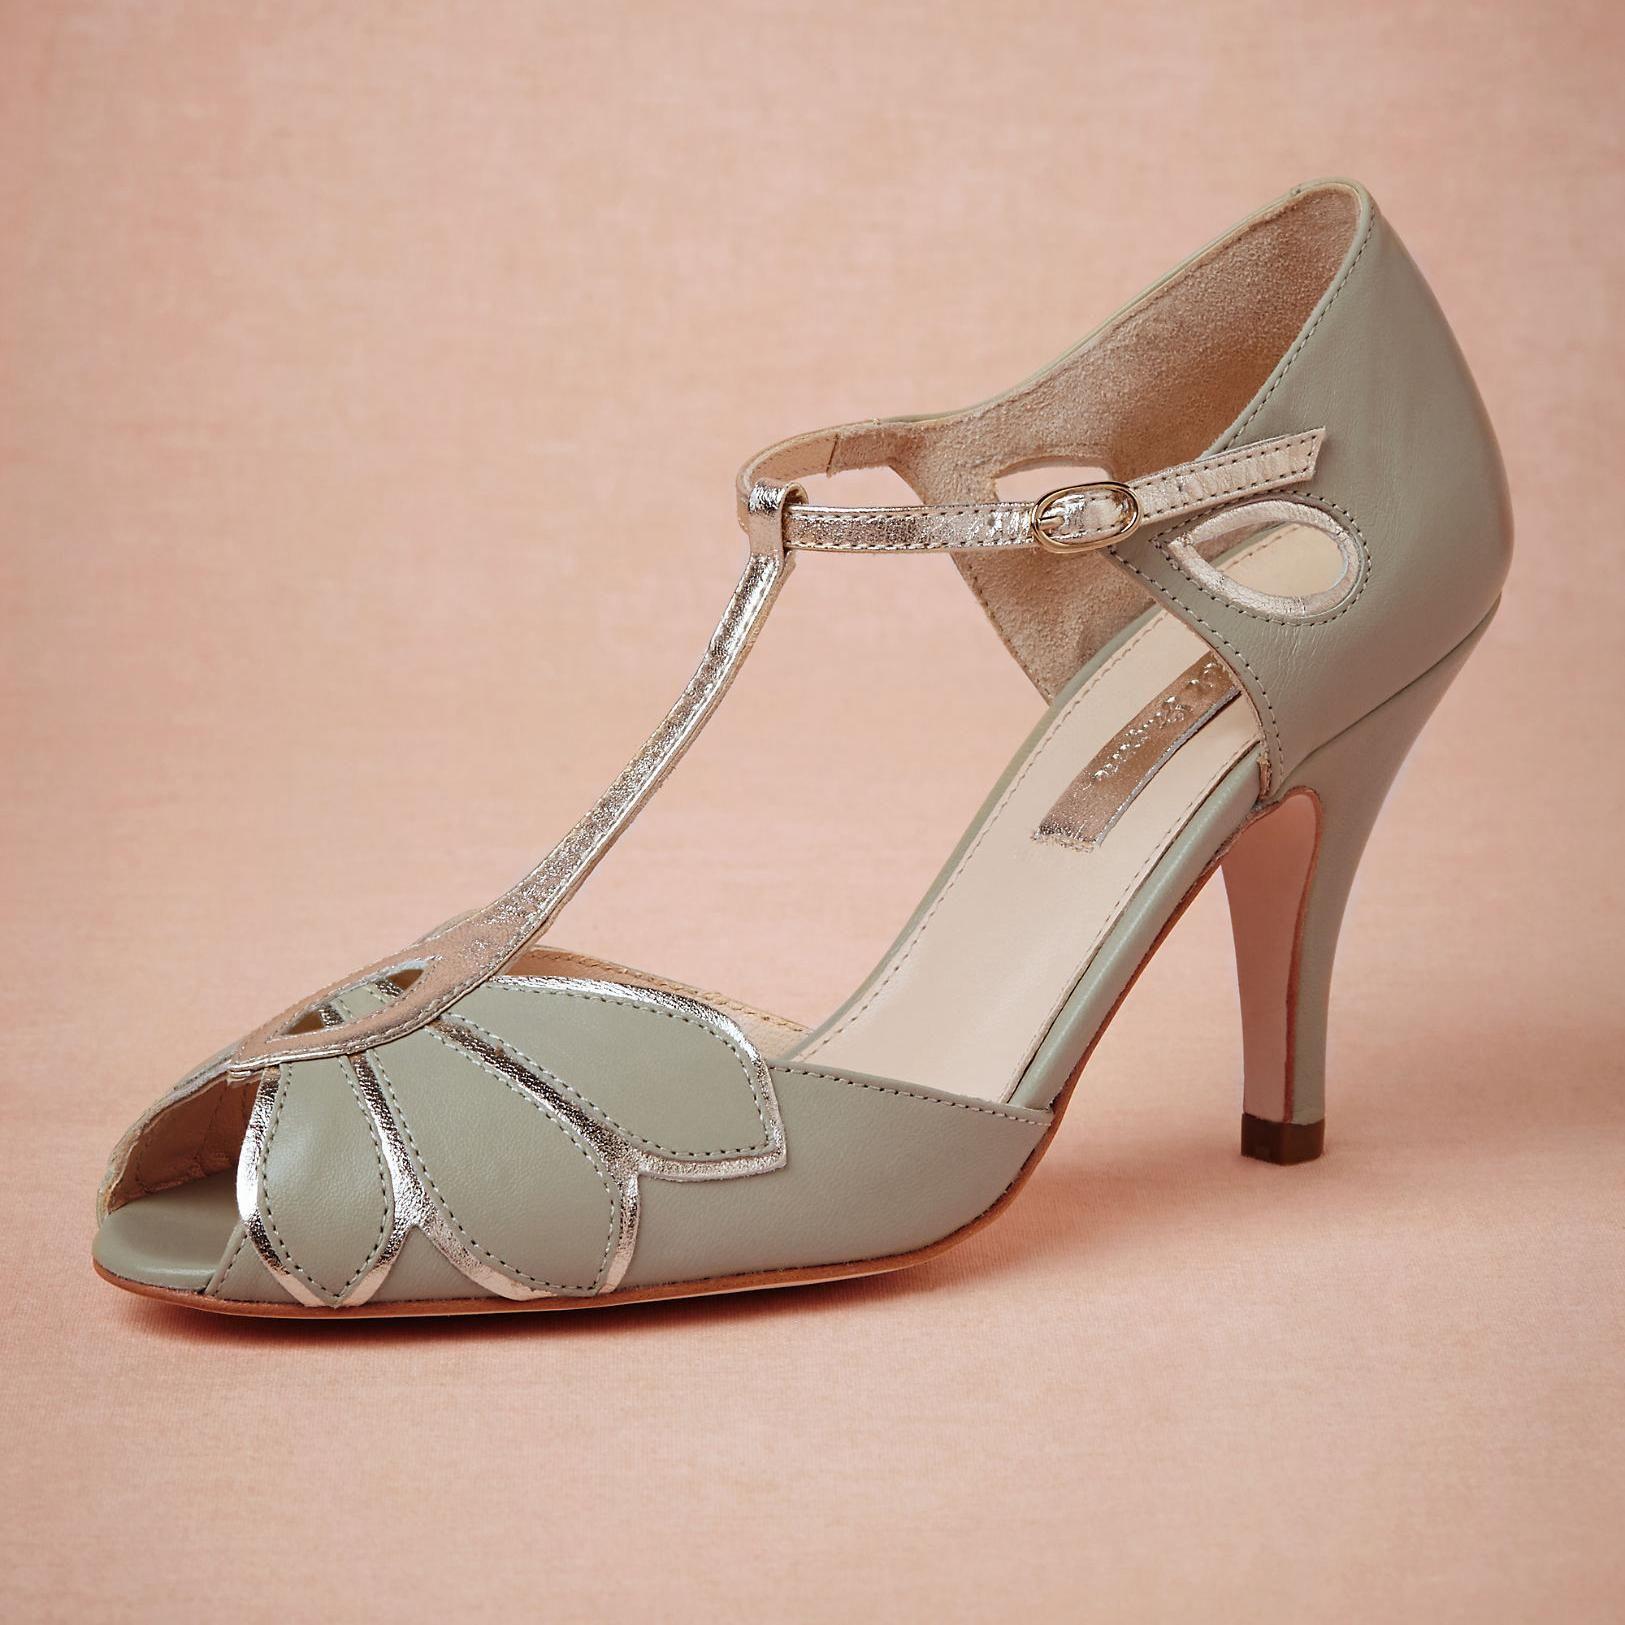 Vintage Mint Wedding Shoes Pumps Mimosa T Straps Buckle Closure Leather Party Dance 3